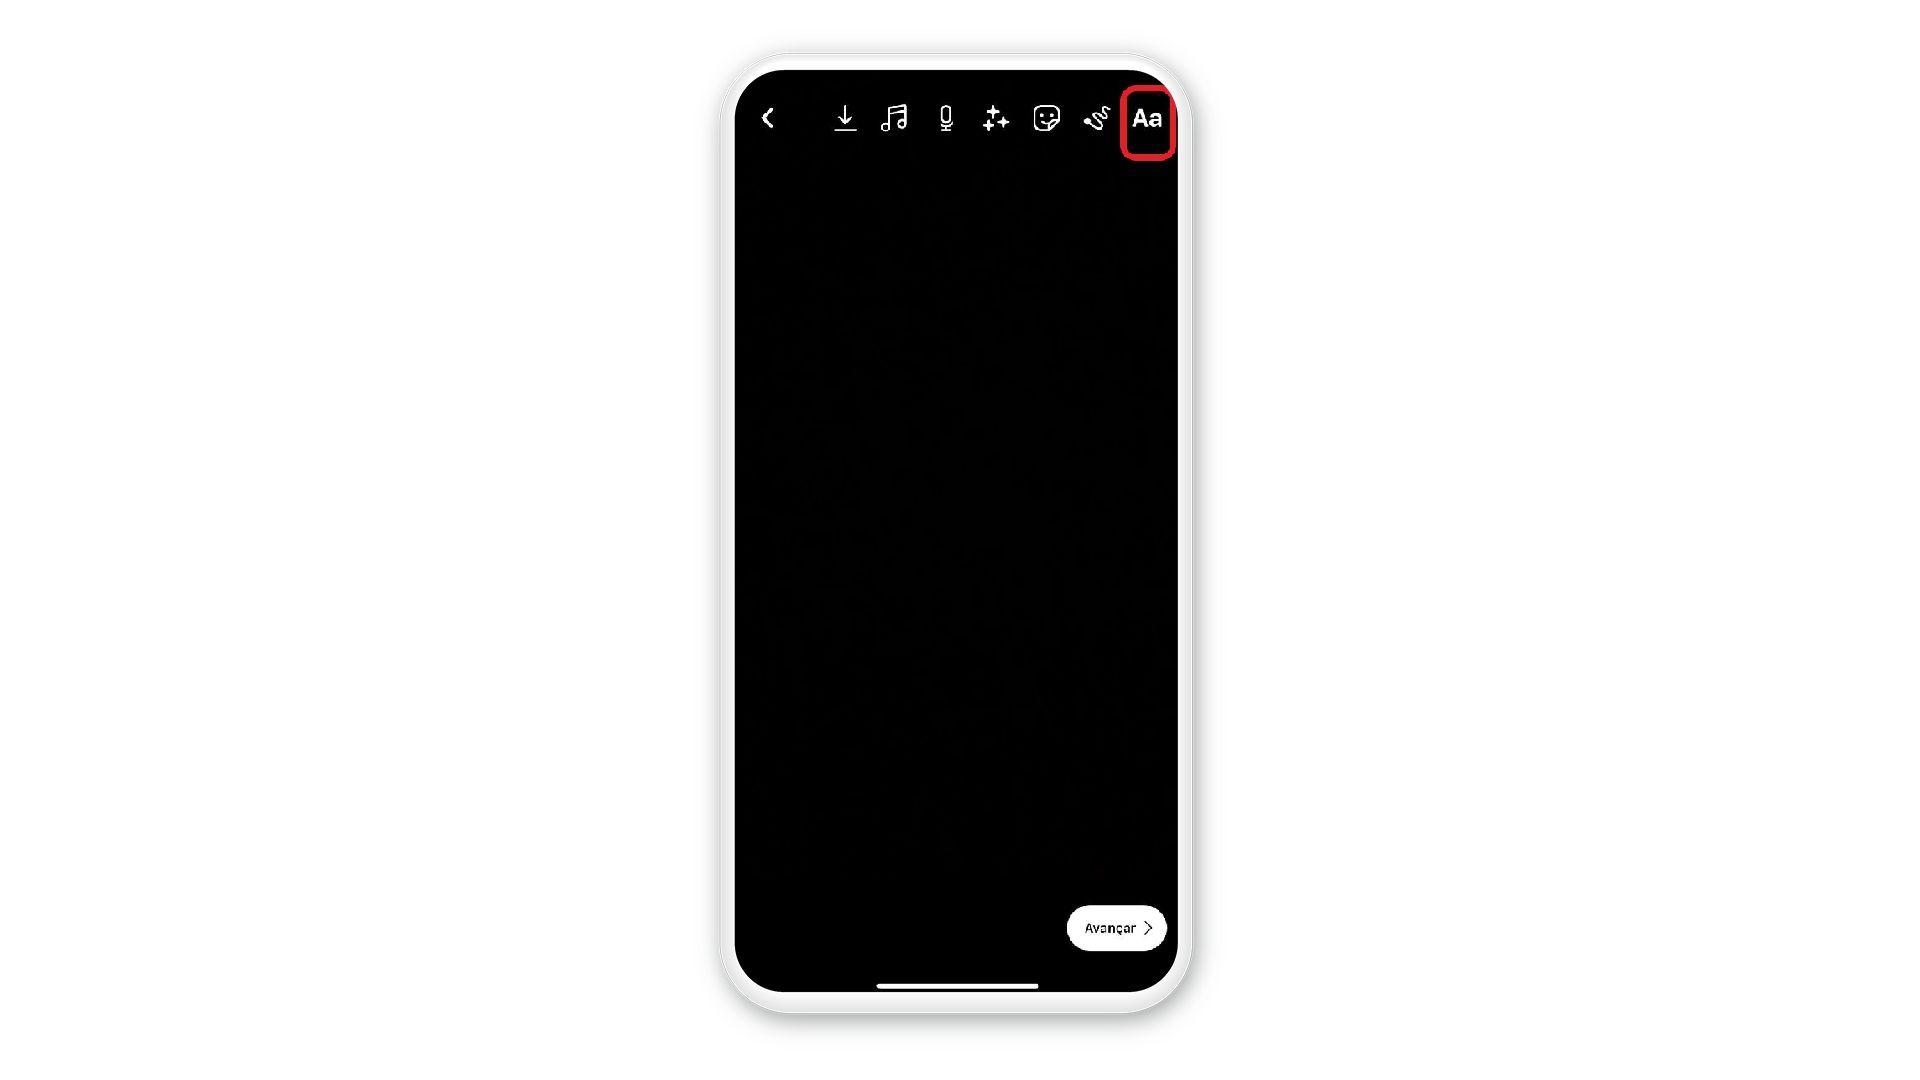 Print mostra opção de adicionar texto, no canto superior direito, em uma tela de celular com fundo branco